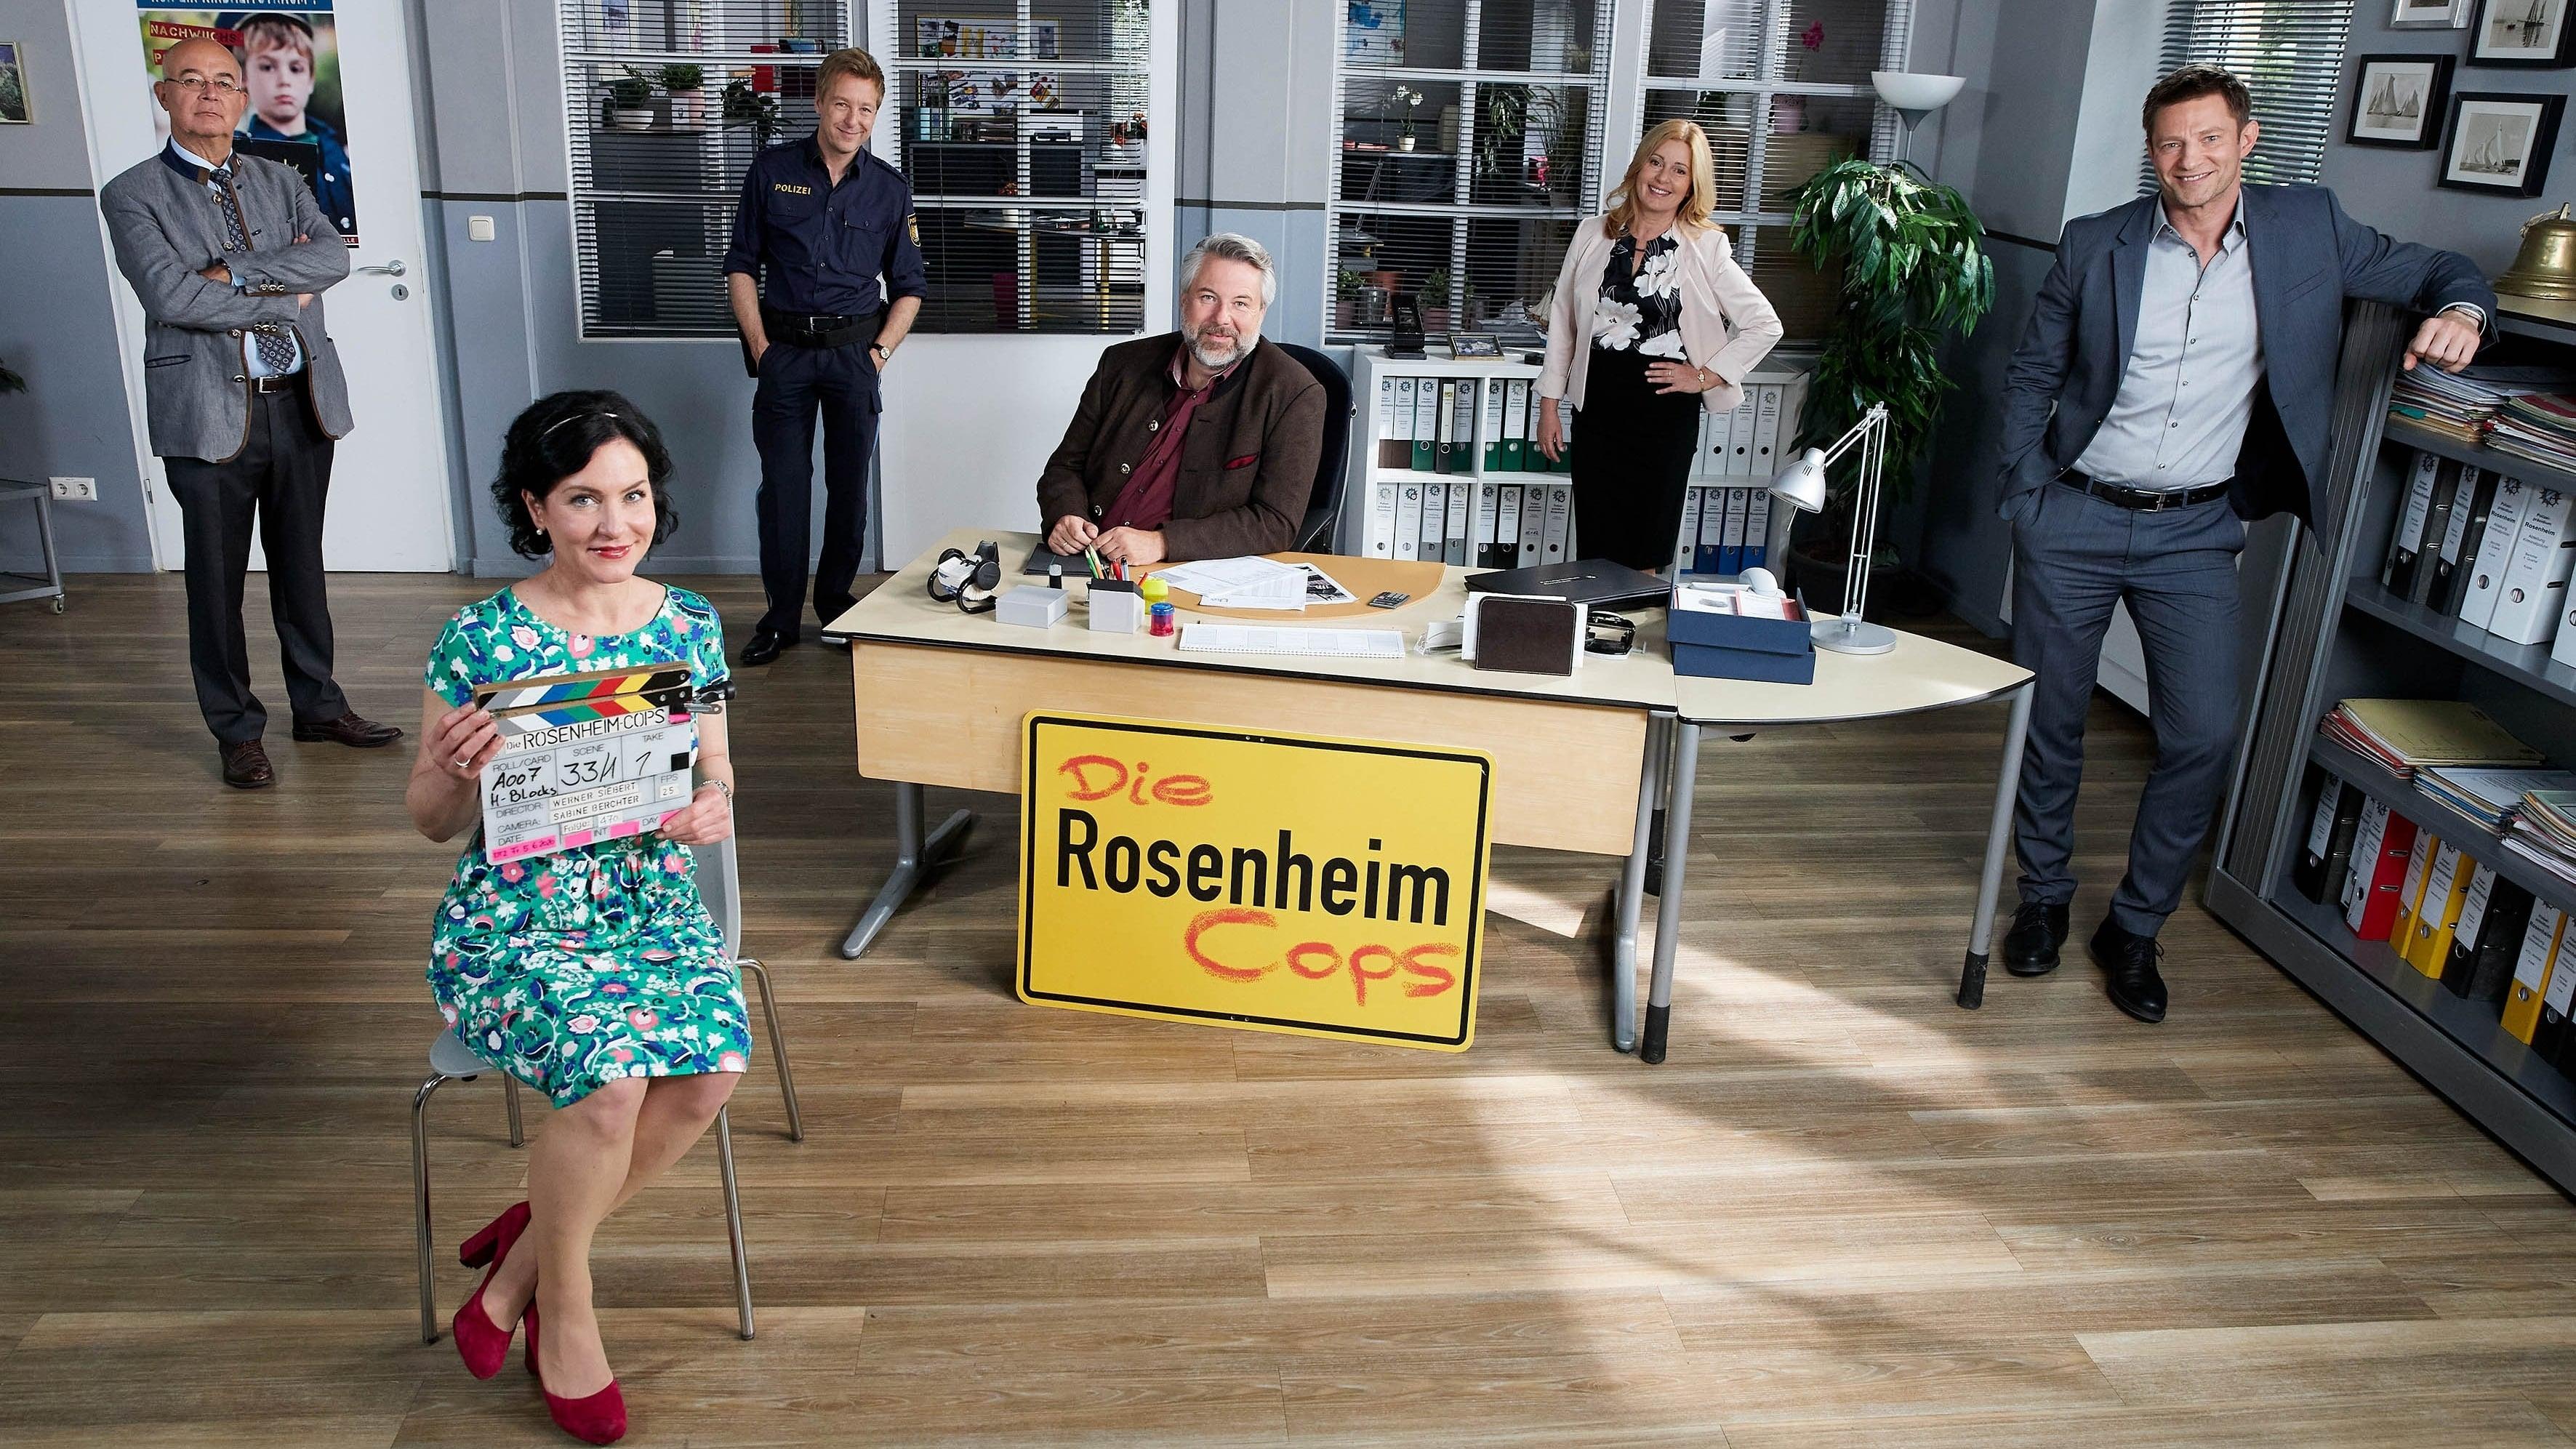 Die Rosenheim-Cops - Season 7